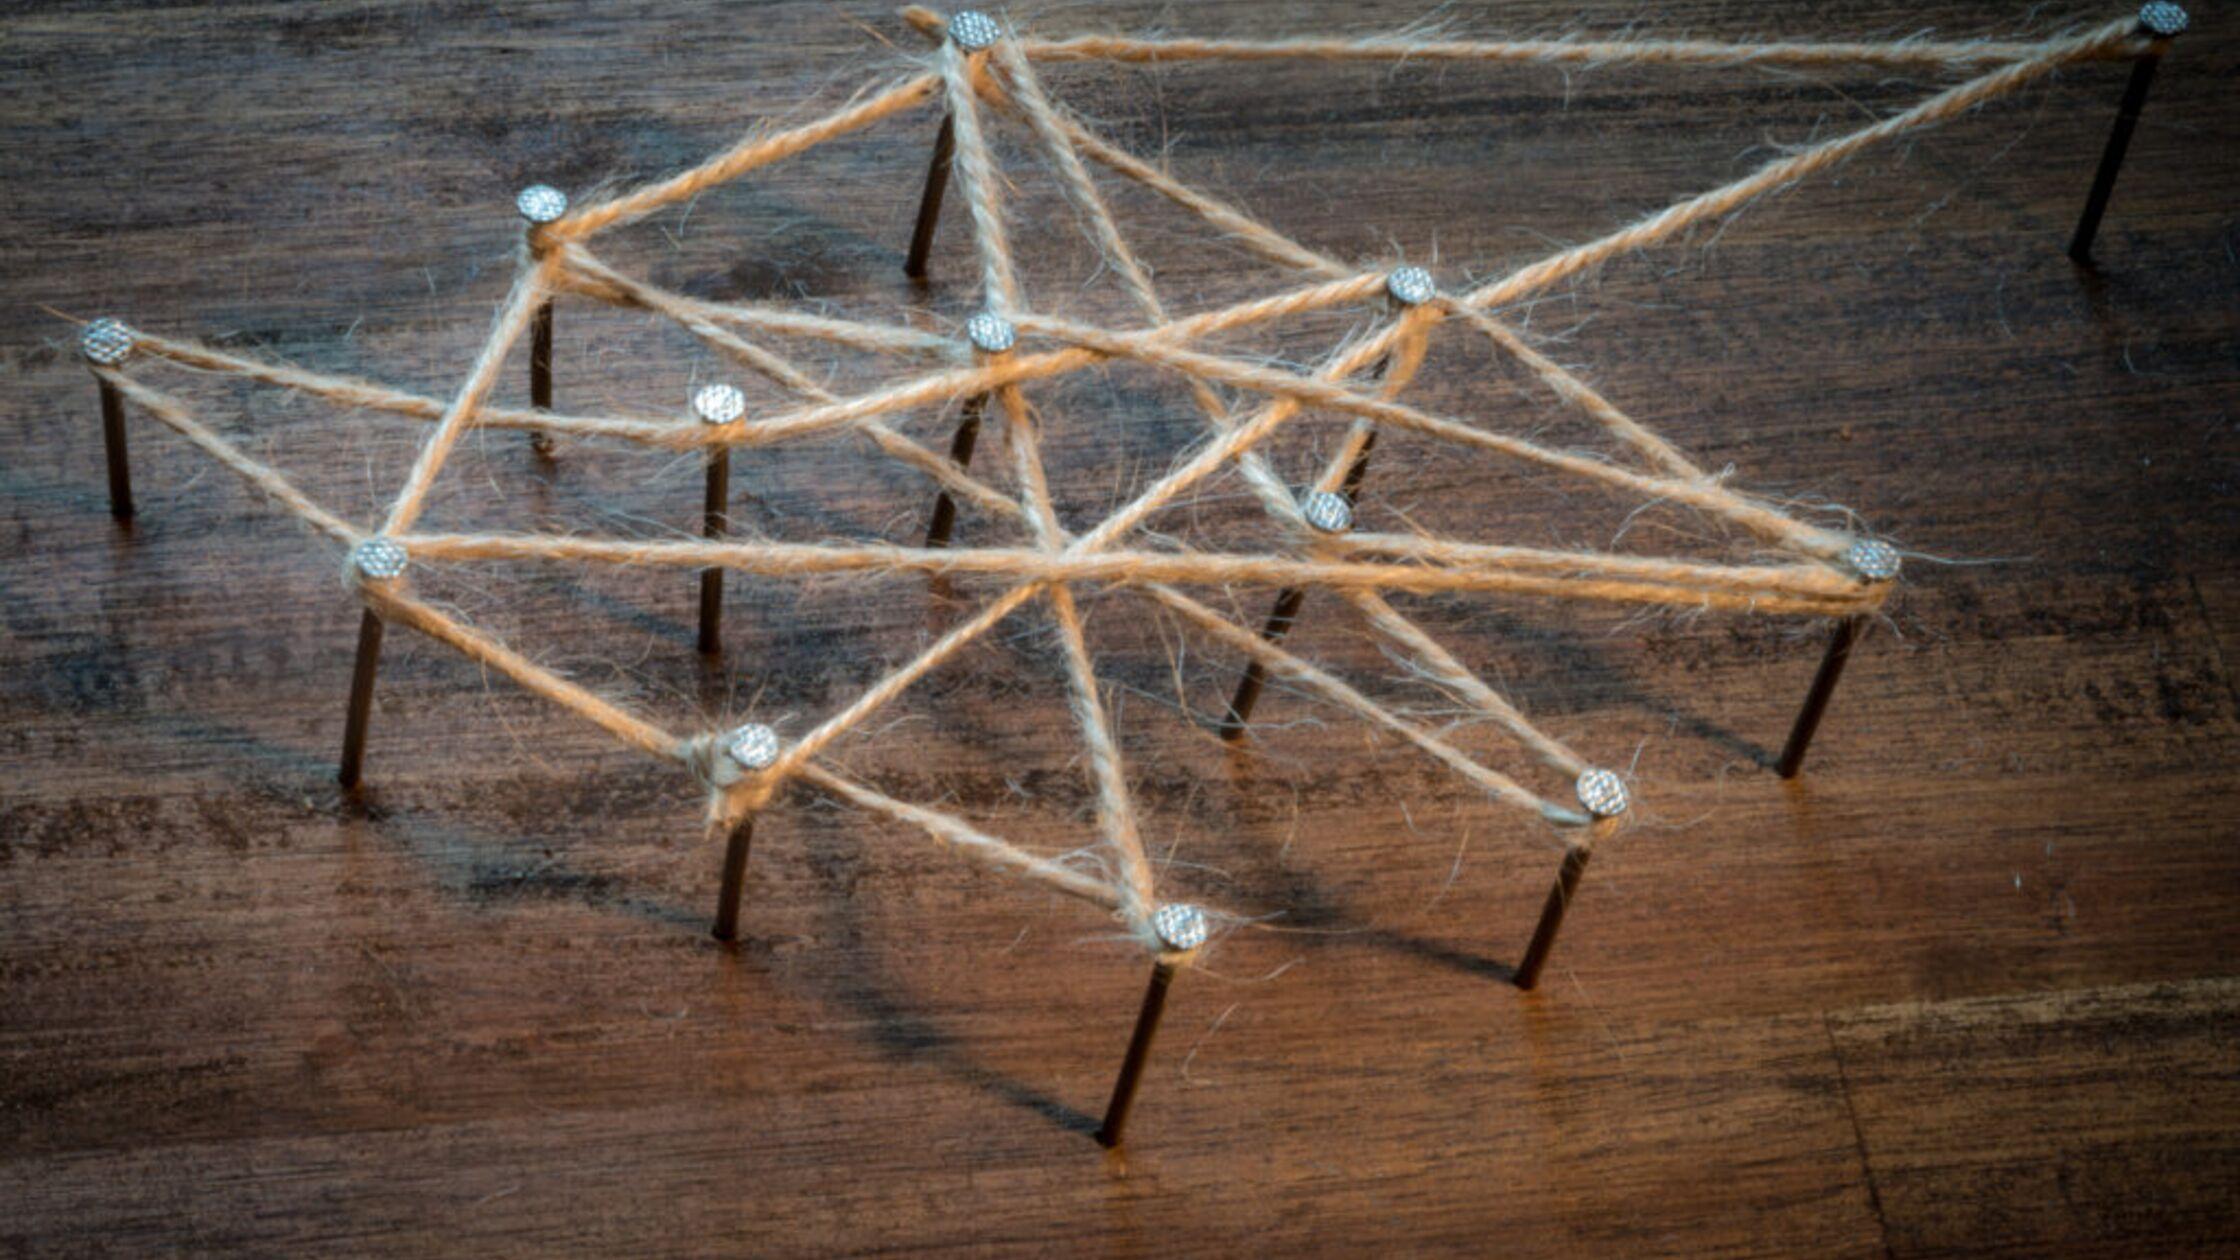 Nägel und Schnüre symbolisieren Vernetzung